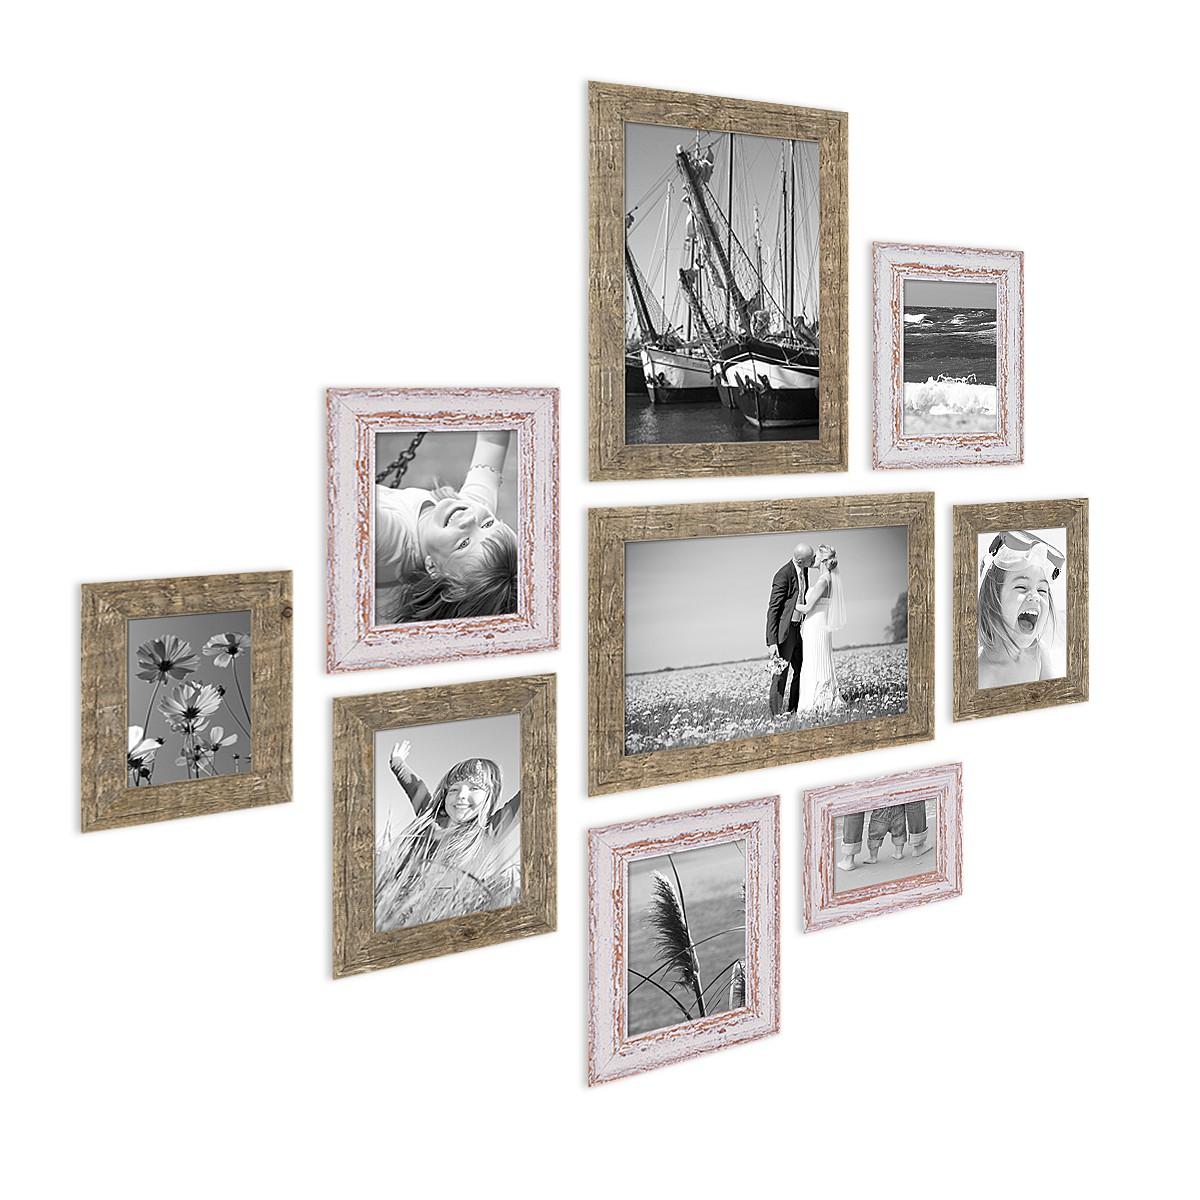 9er set bilderrahmen f r grosse bilderwand strandhaus vintage shabby chic 10x15 bis 20x30 cm. Black Bedroom Furniture Sets. Home Design Ideas